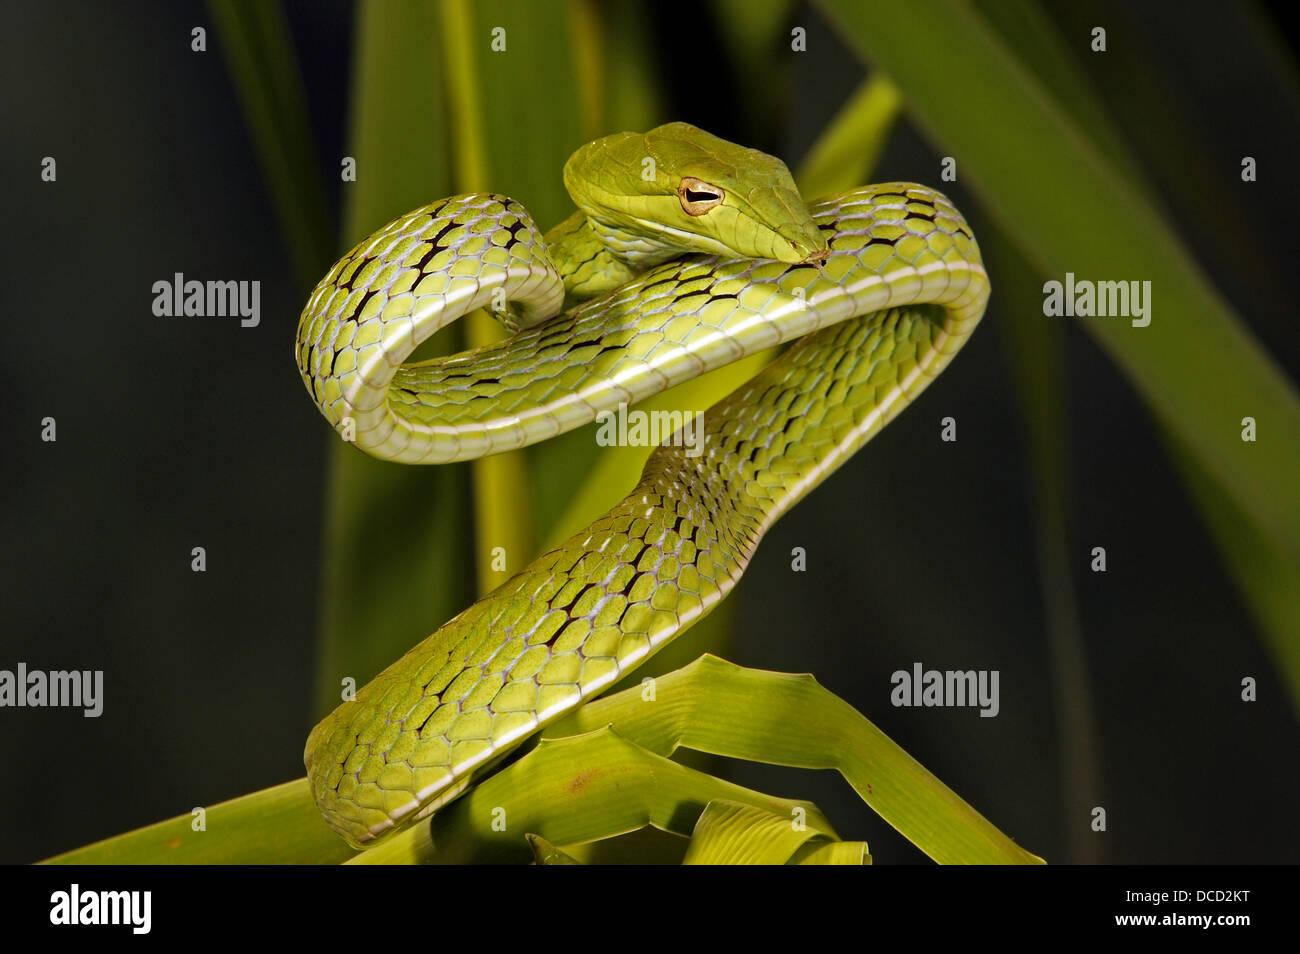 Arbre long bec (serpents Ahaetulla prasinus), Banque D'Images